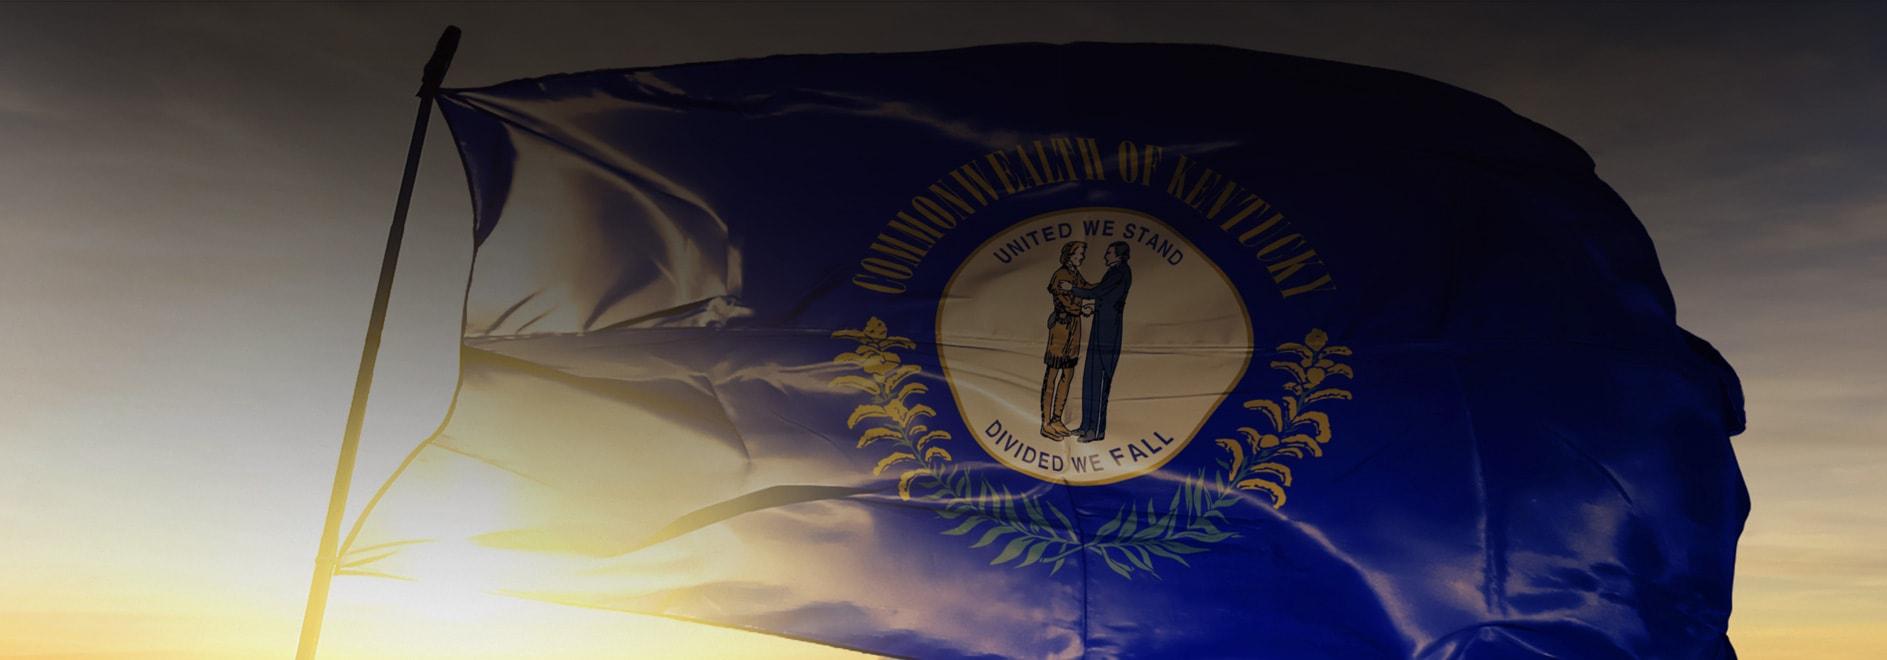 Web Design Owensboro Kentucky